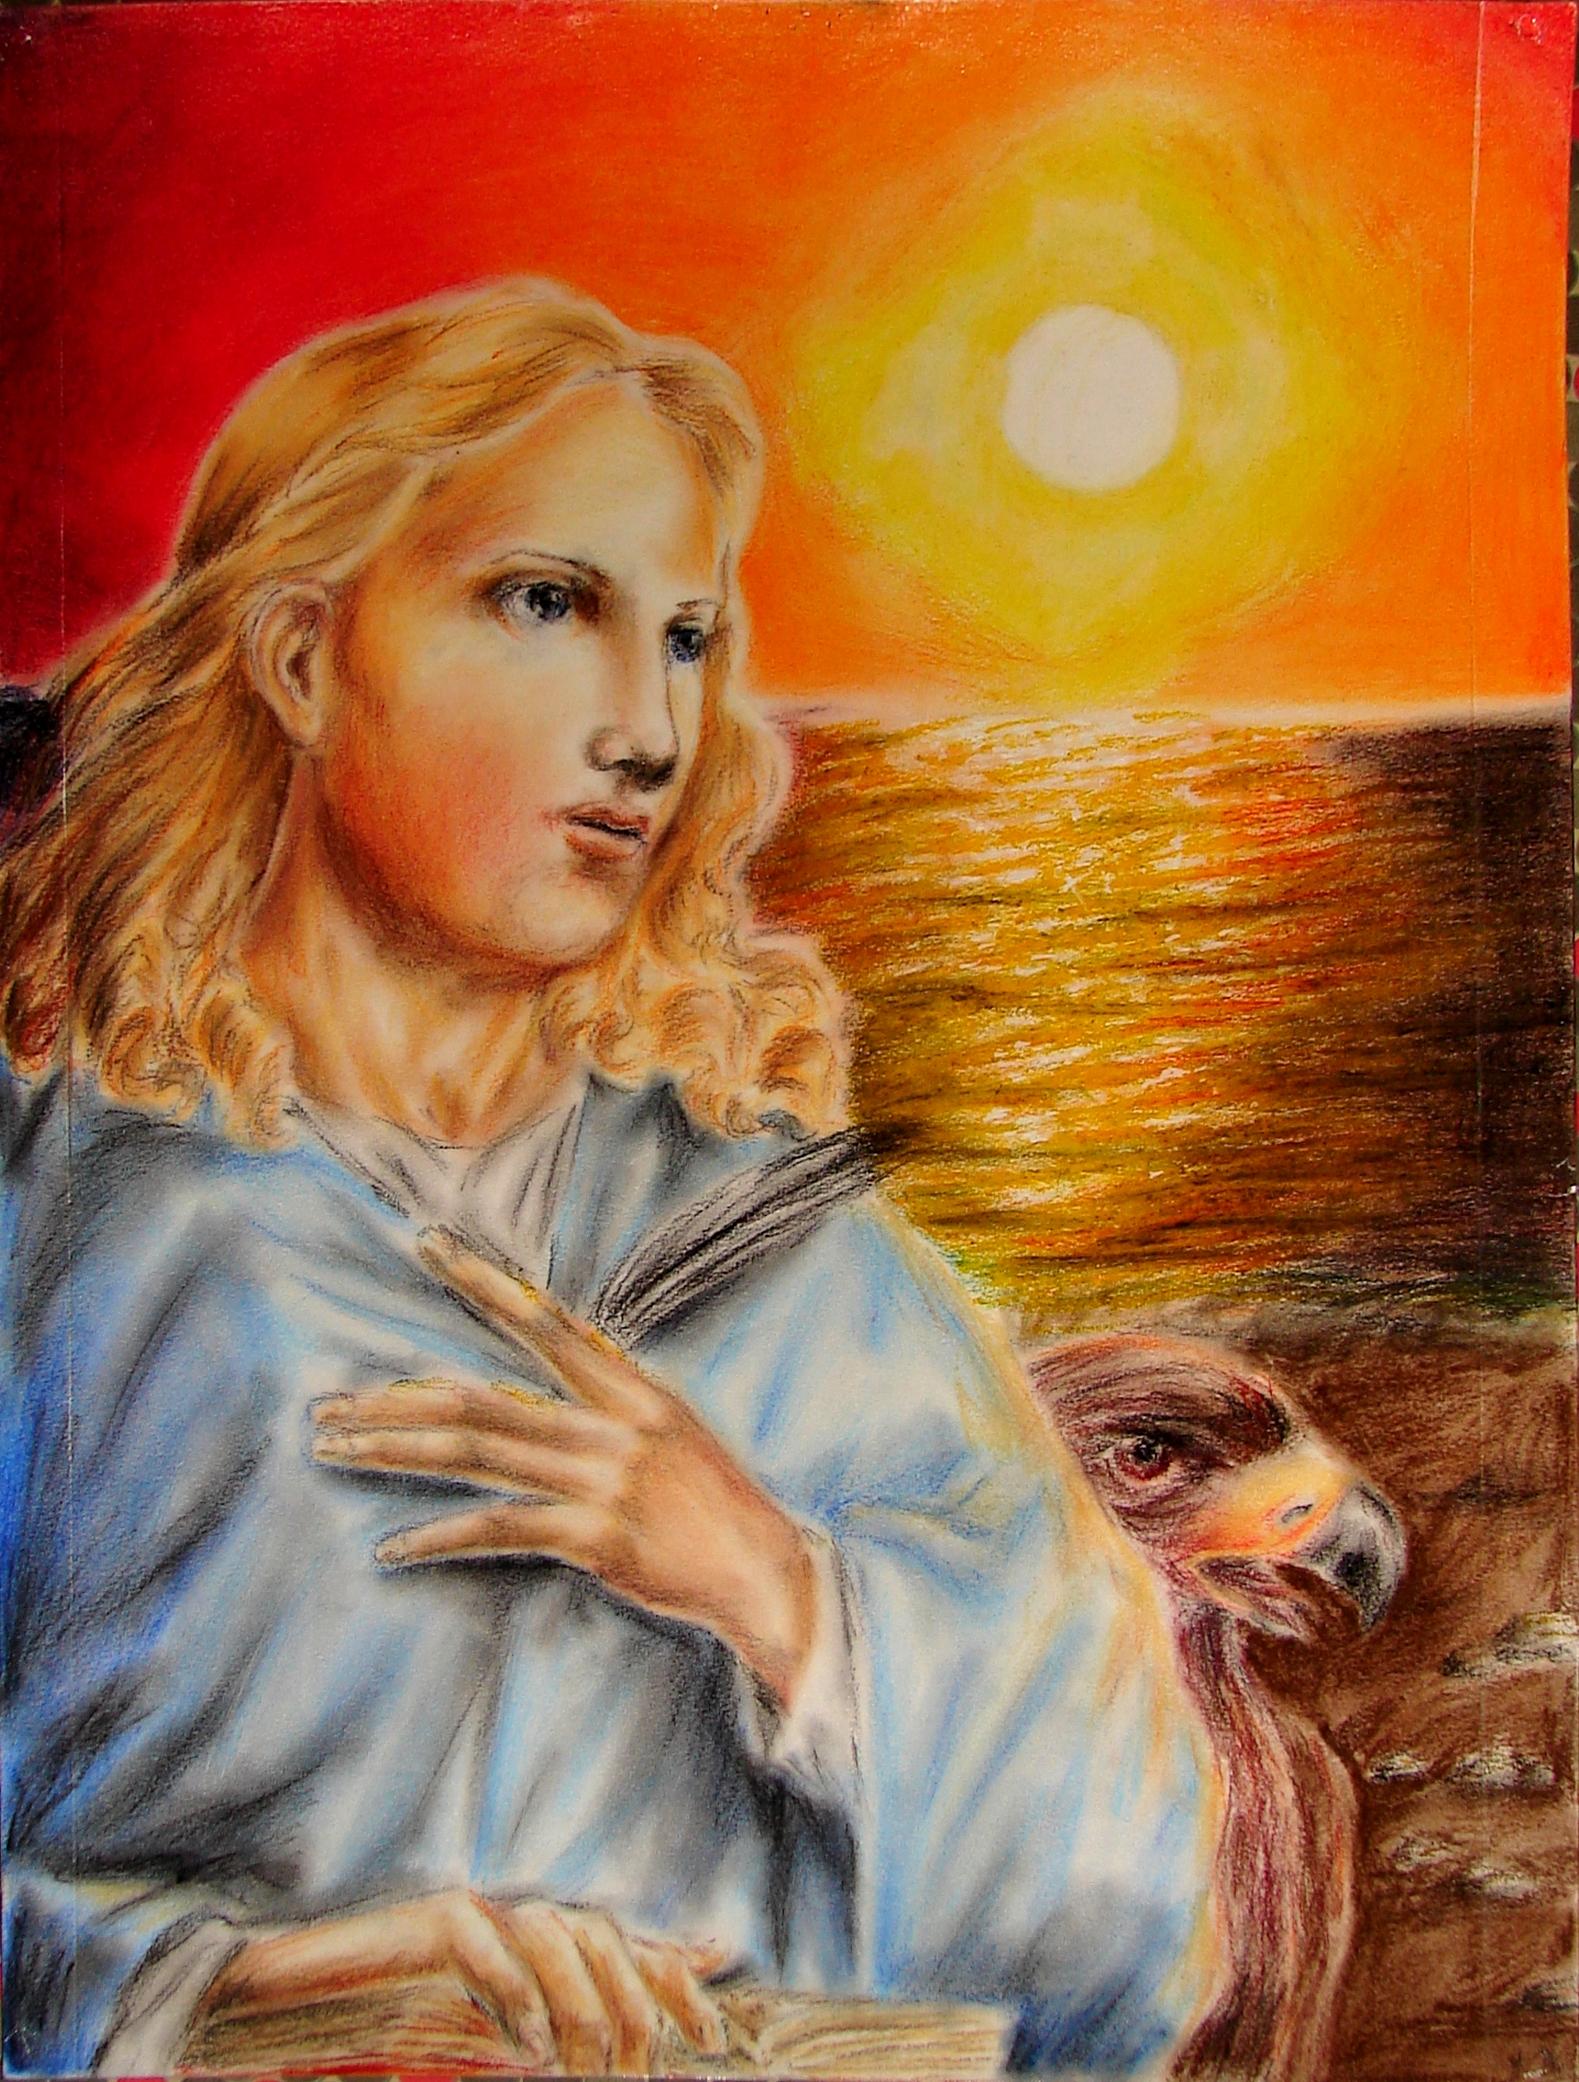 CALENDRIER CATHOLIQUE 2019 (Cantiques, Prières & Images) - Page 19 St-jean-56e5841